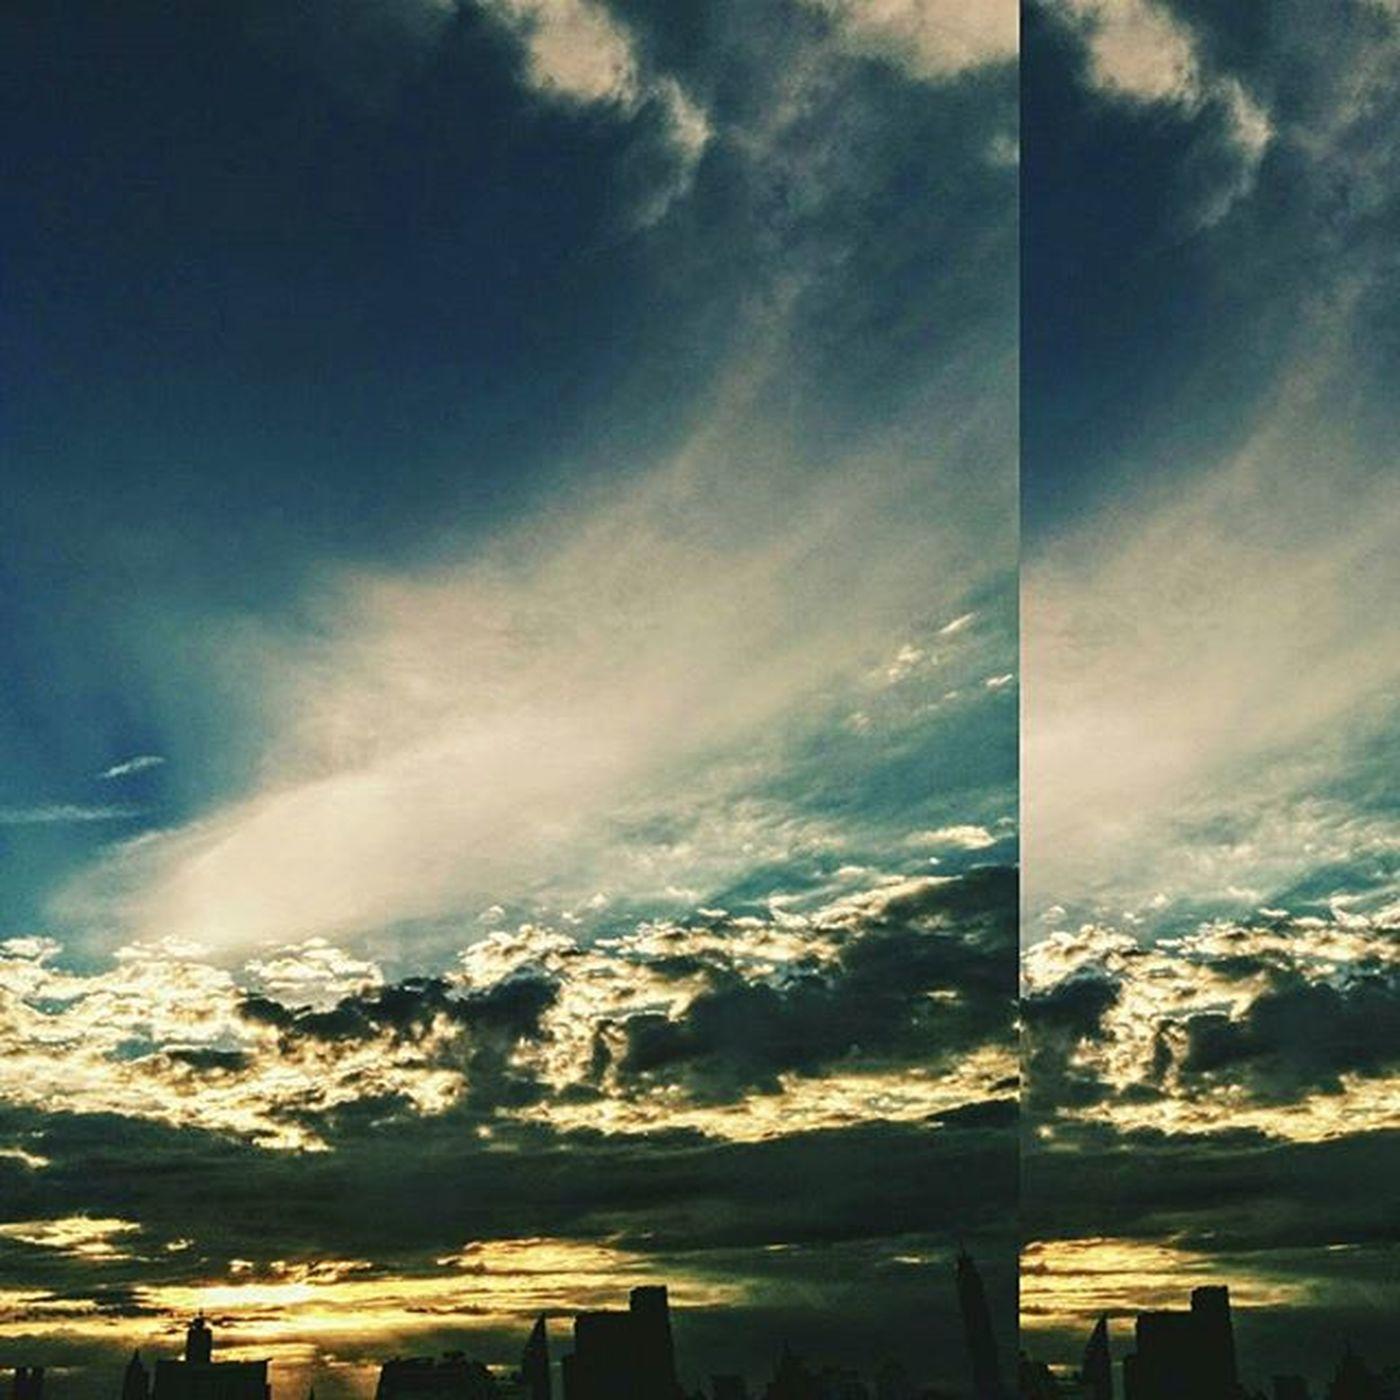 """อยากเห็นท้องฟ้าเป็นอย่างวันนั้นนน... อยากขอให้เป็นดังเดิมทุกอย่าง... อยากขอให้เป็นไปอย่างที่หวัง """"ให้เหมือนเดิมอีกครั้งนึง"""" Sky Skyviewer Sun Sunset Sunlight Cloud Staystrongthailand Bangkokskyline"""